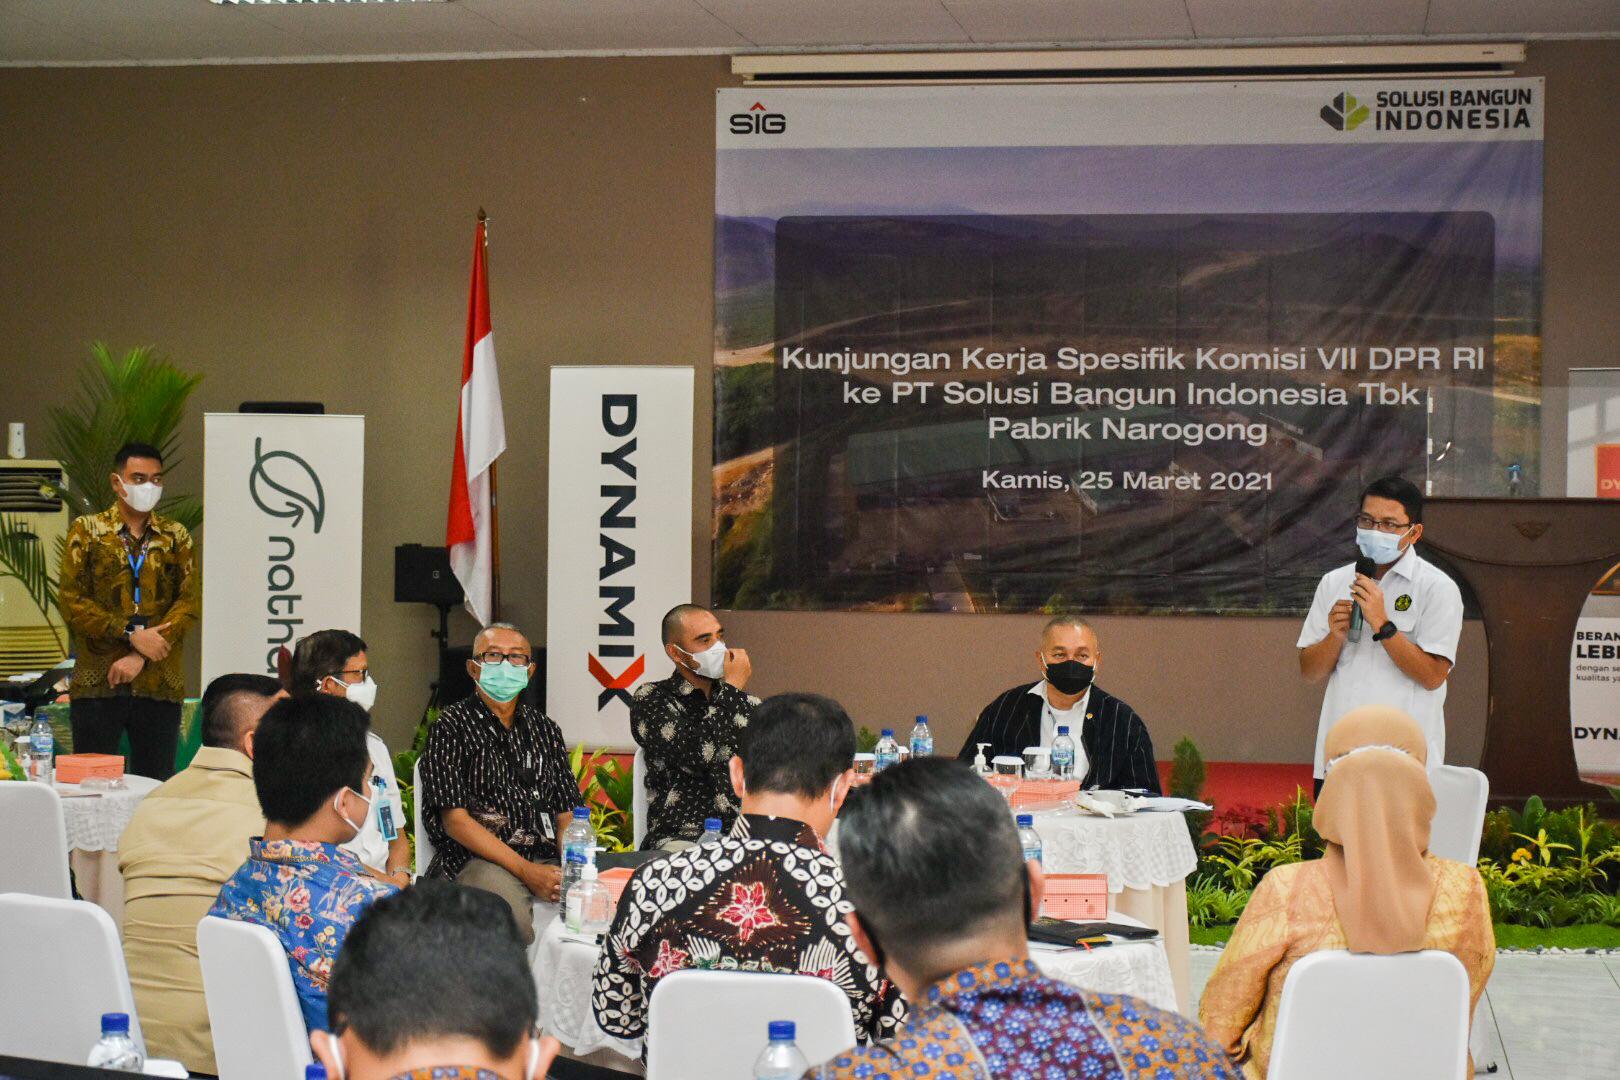 Sambutan Dirjen EBTKE, Dadan Kusdiana pada acara Kunjungan Spesifik Komisi VII DPR RI ke PT. Solusi Bangun Indonesia Tbk, Bogor (25/03/2021) (NS)